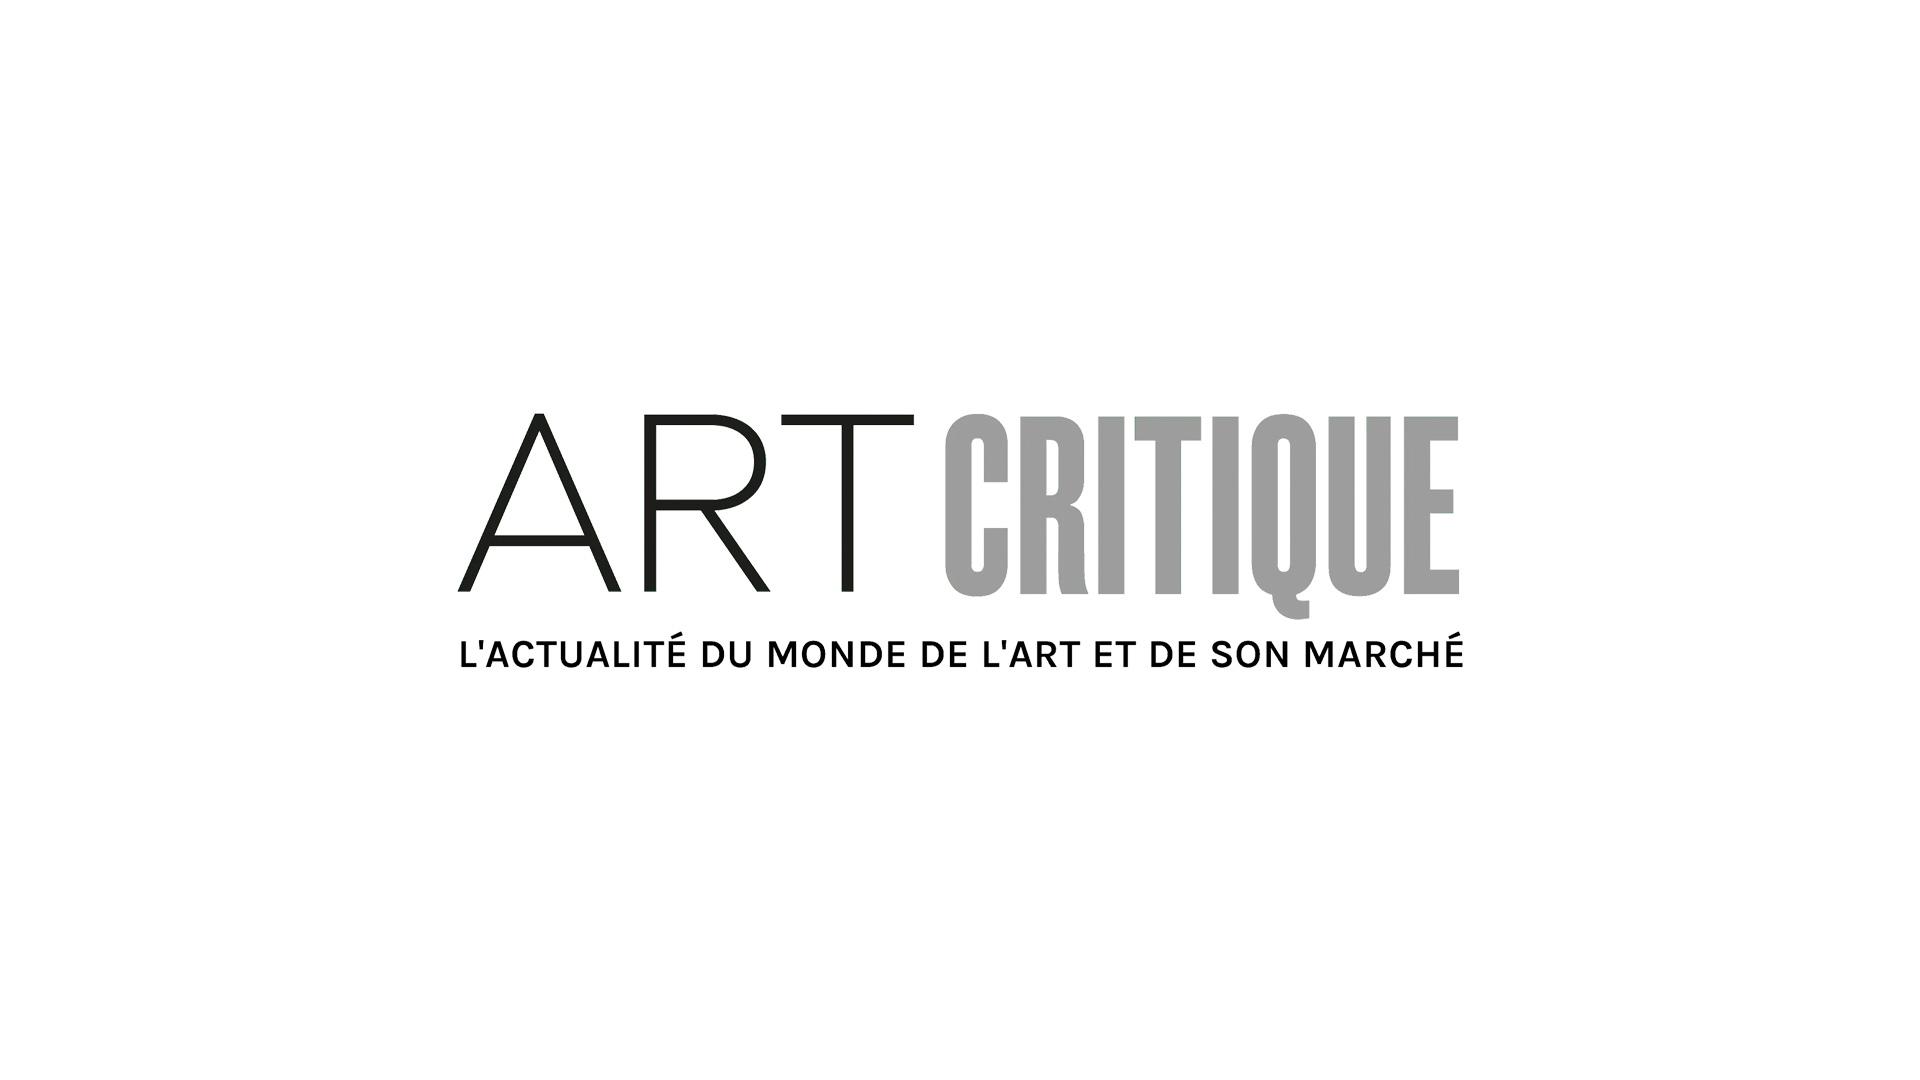 Succès pour la 17e édition de la Nuit européenne des Musées